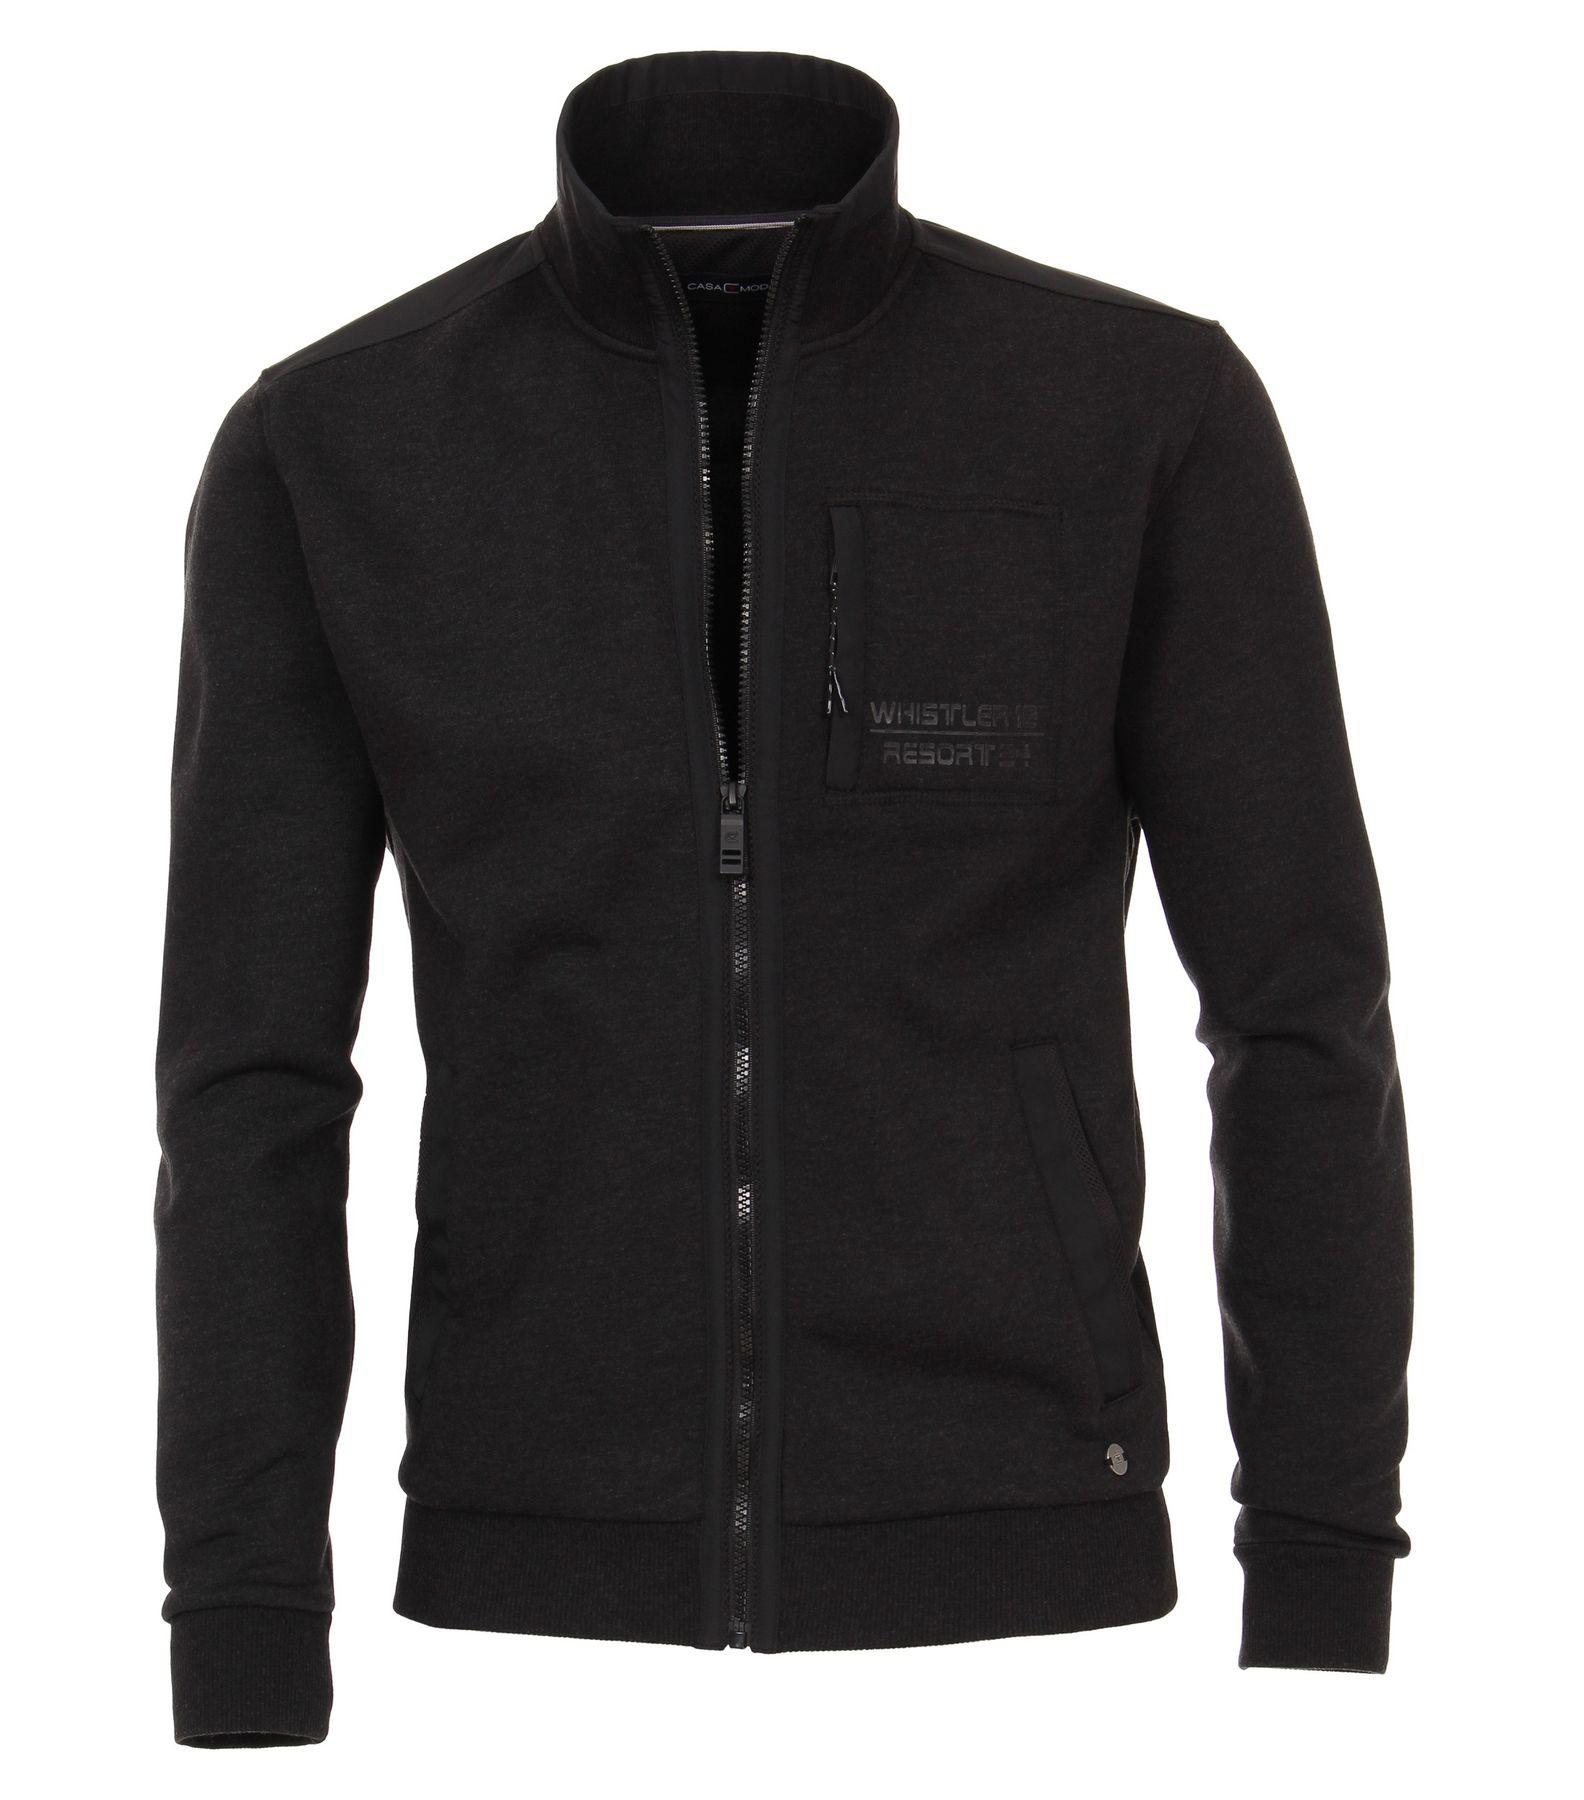 Casa Moda - Herren Sweat-Jacke unifarben mit seitlicher Brusttasche in anthrazit (483081100)